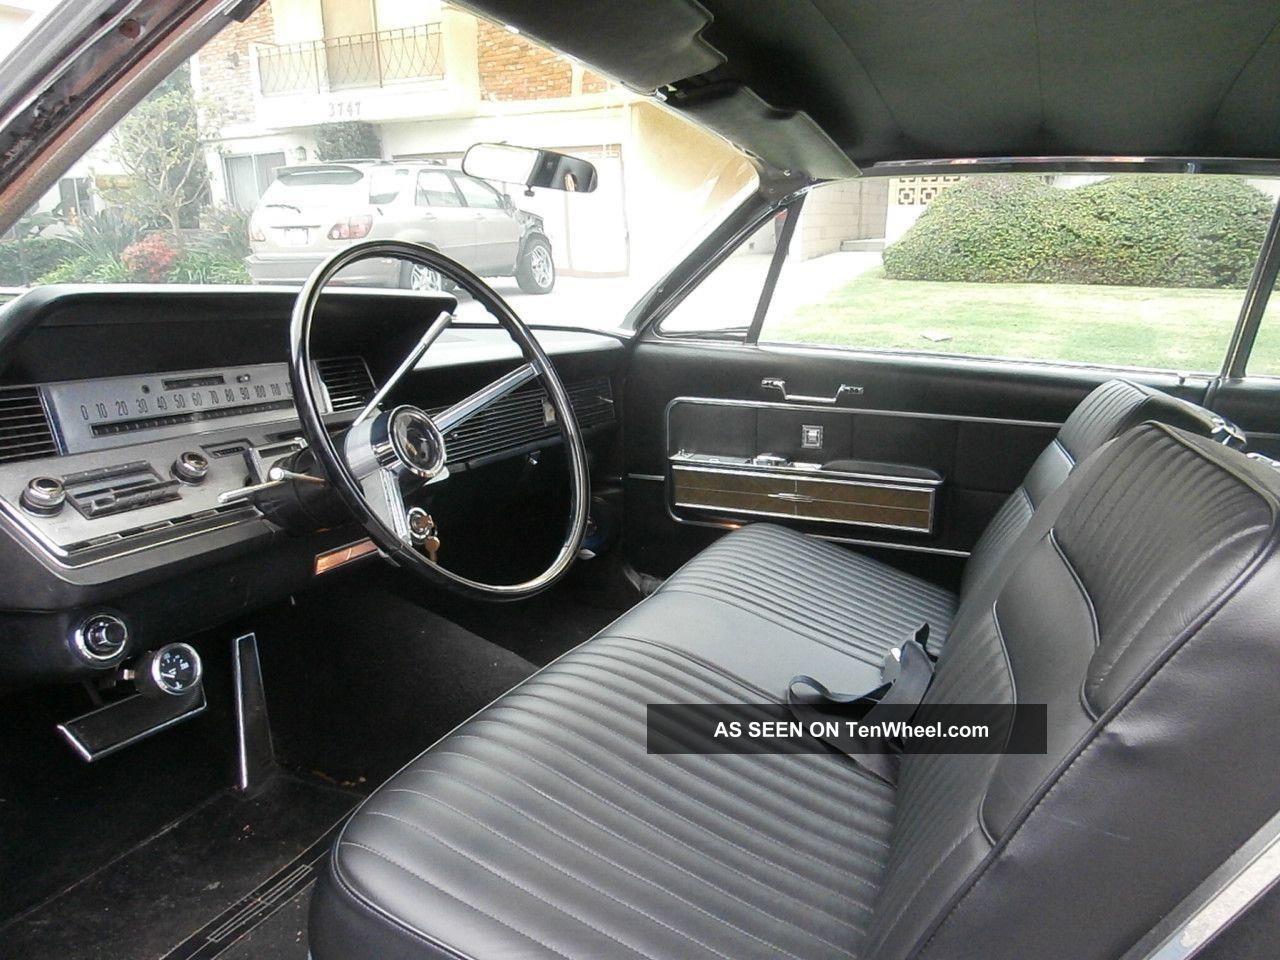 1966 lincoln continental 2 door coupe hardtop v8 462cu. Black Bedroom Furniture Sets. Home Design Ideas